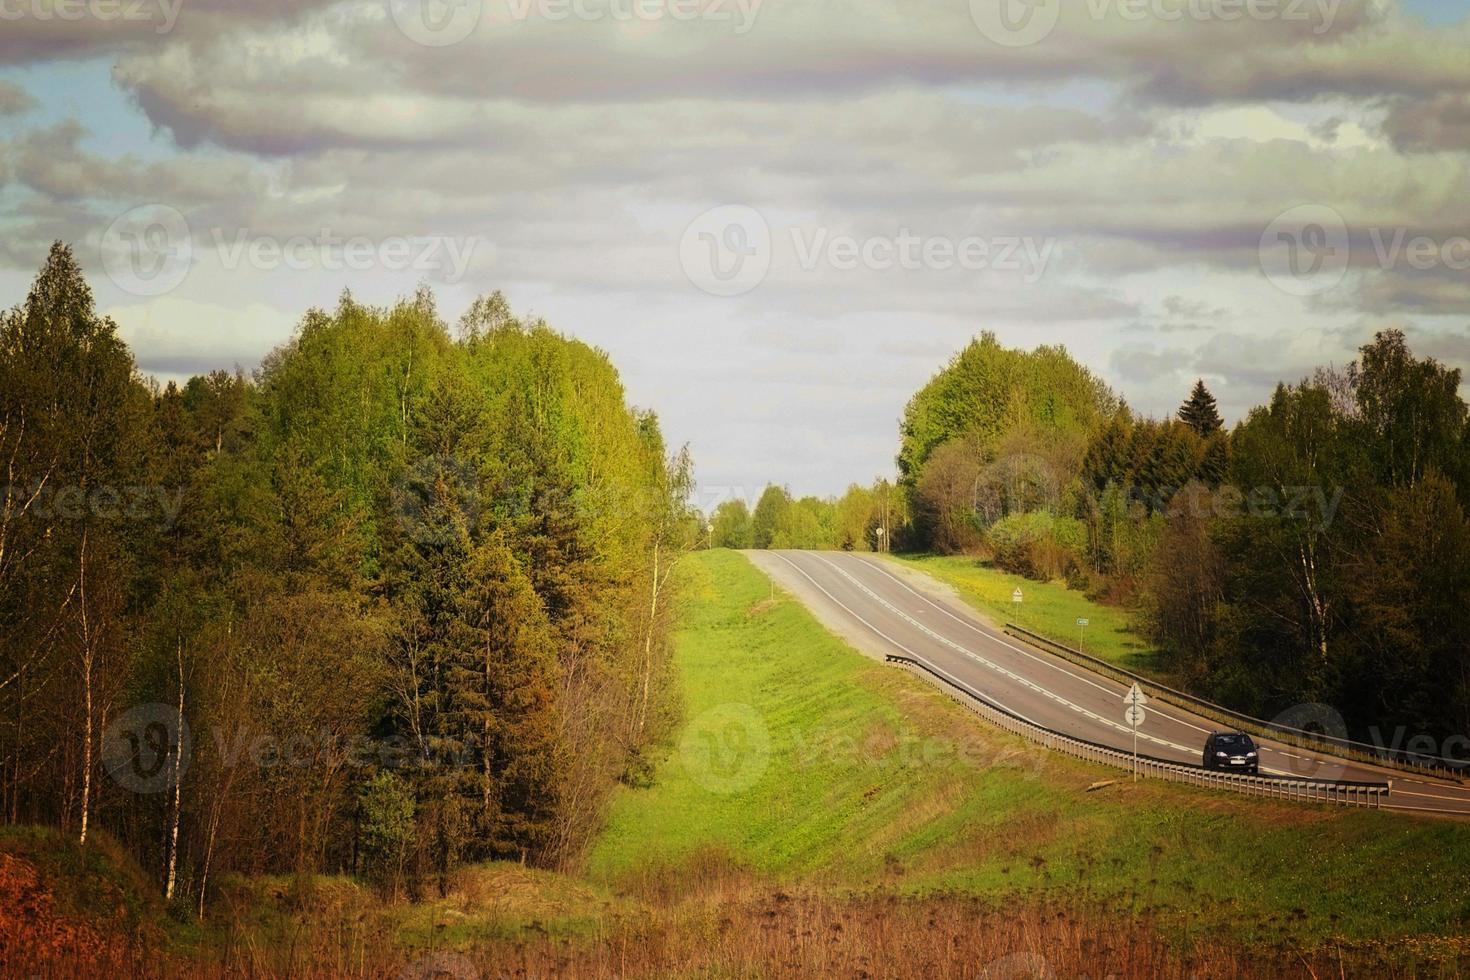 La route du paysage rural s'étend au loin photo